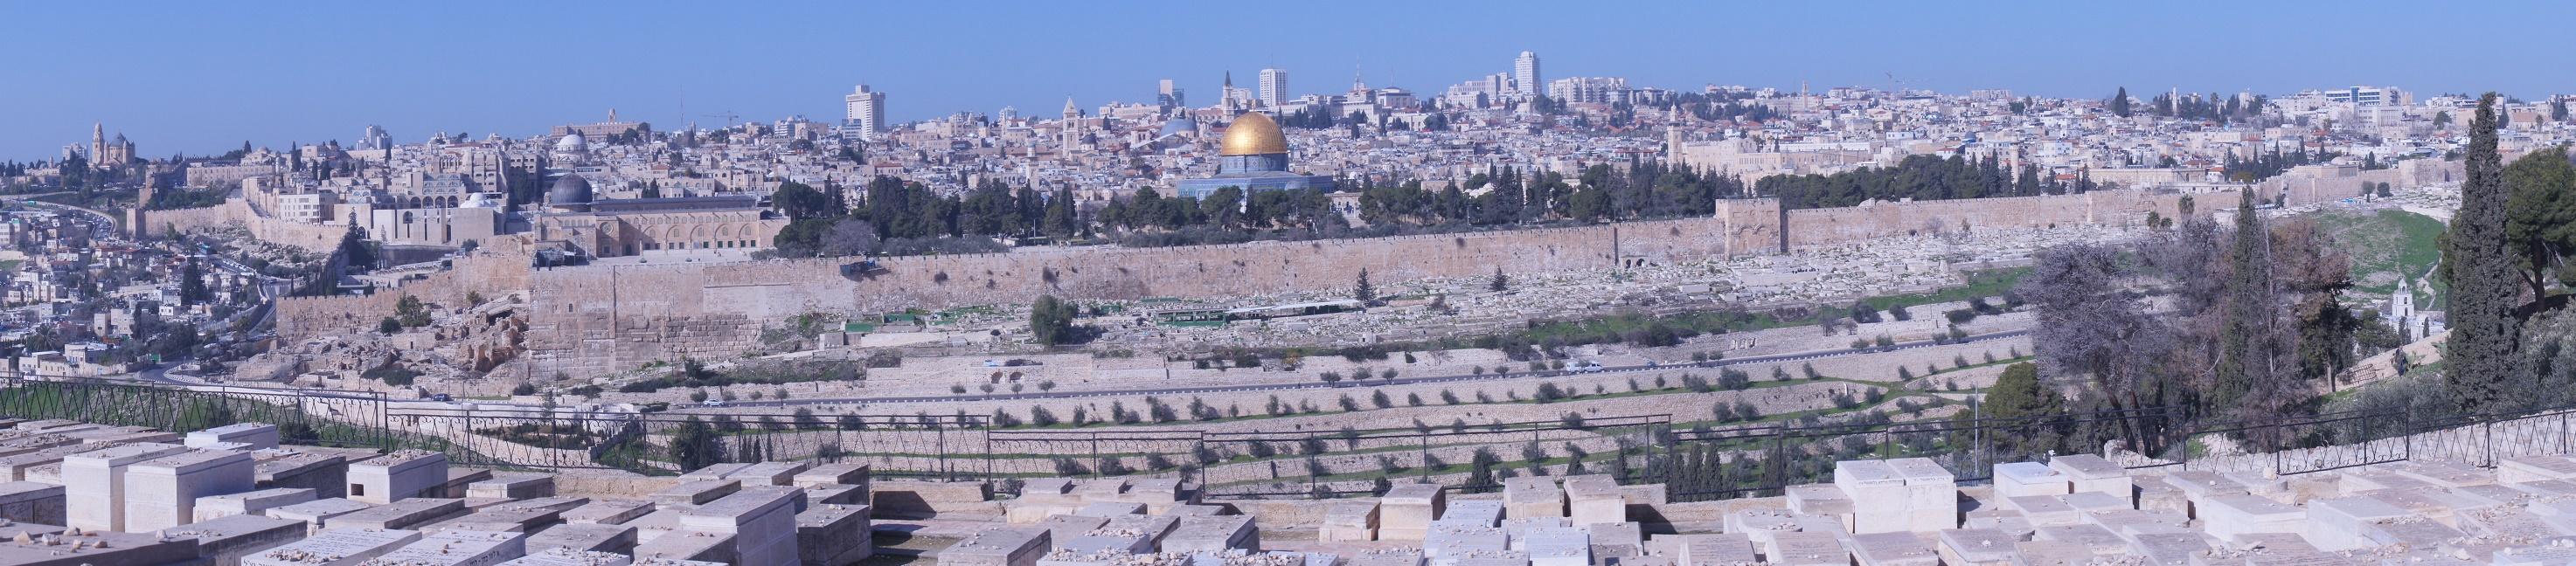 Jerozolima, widok z Góry Oliwnej